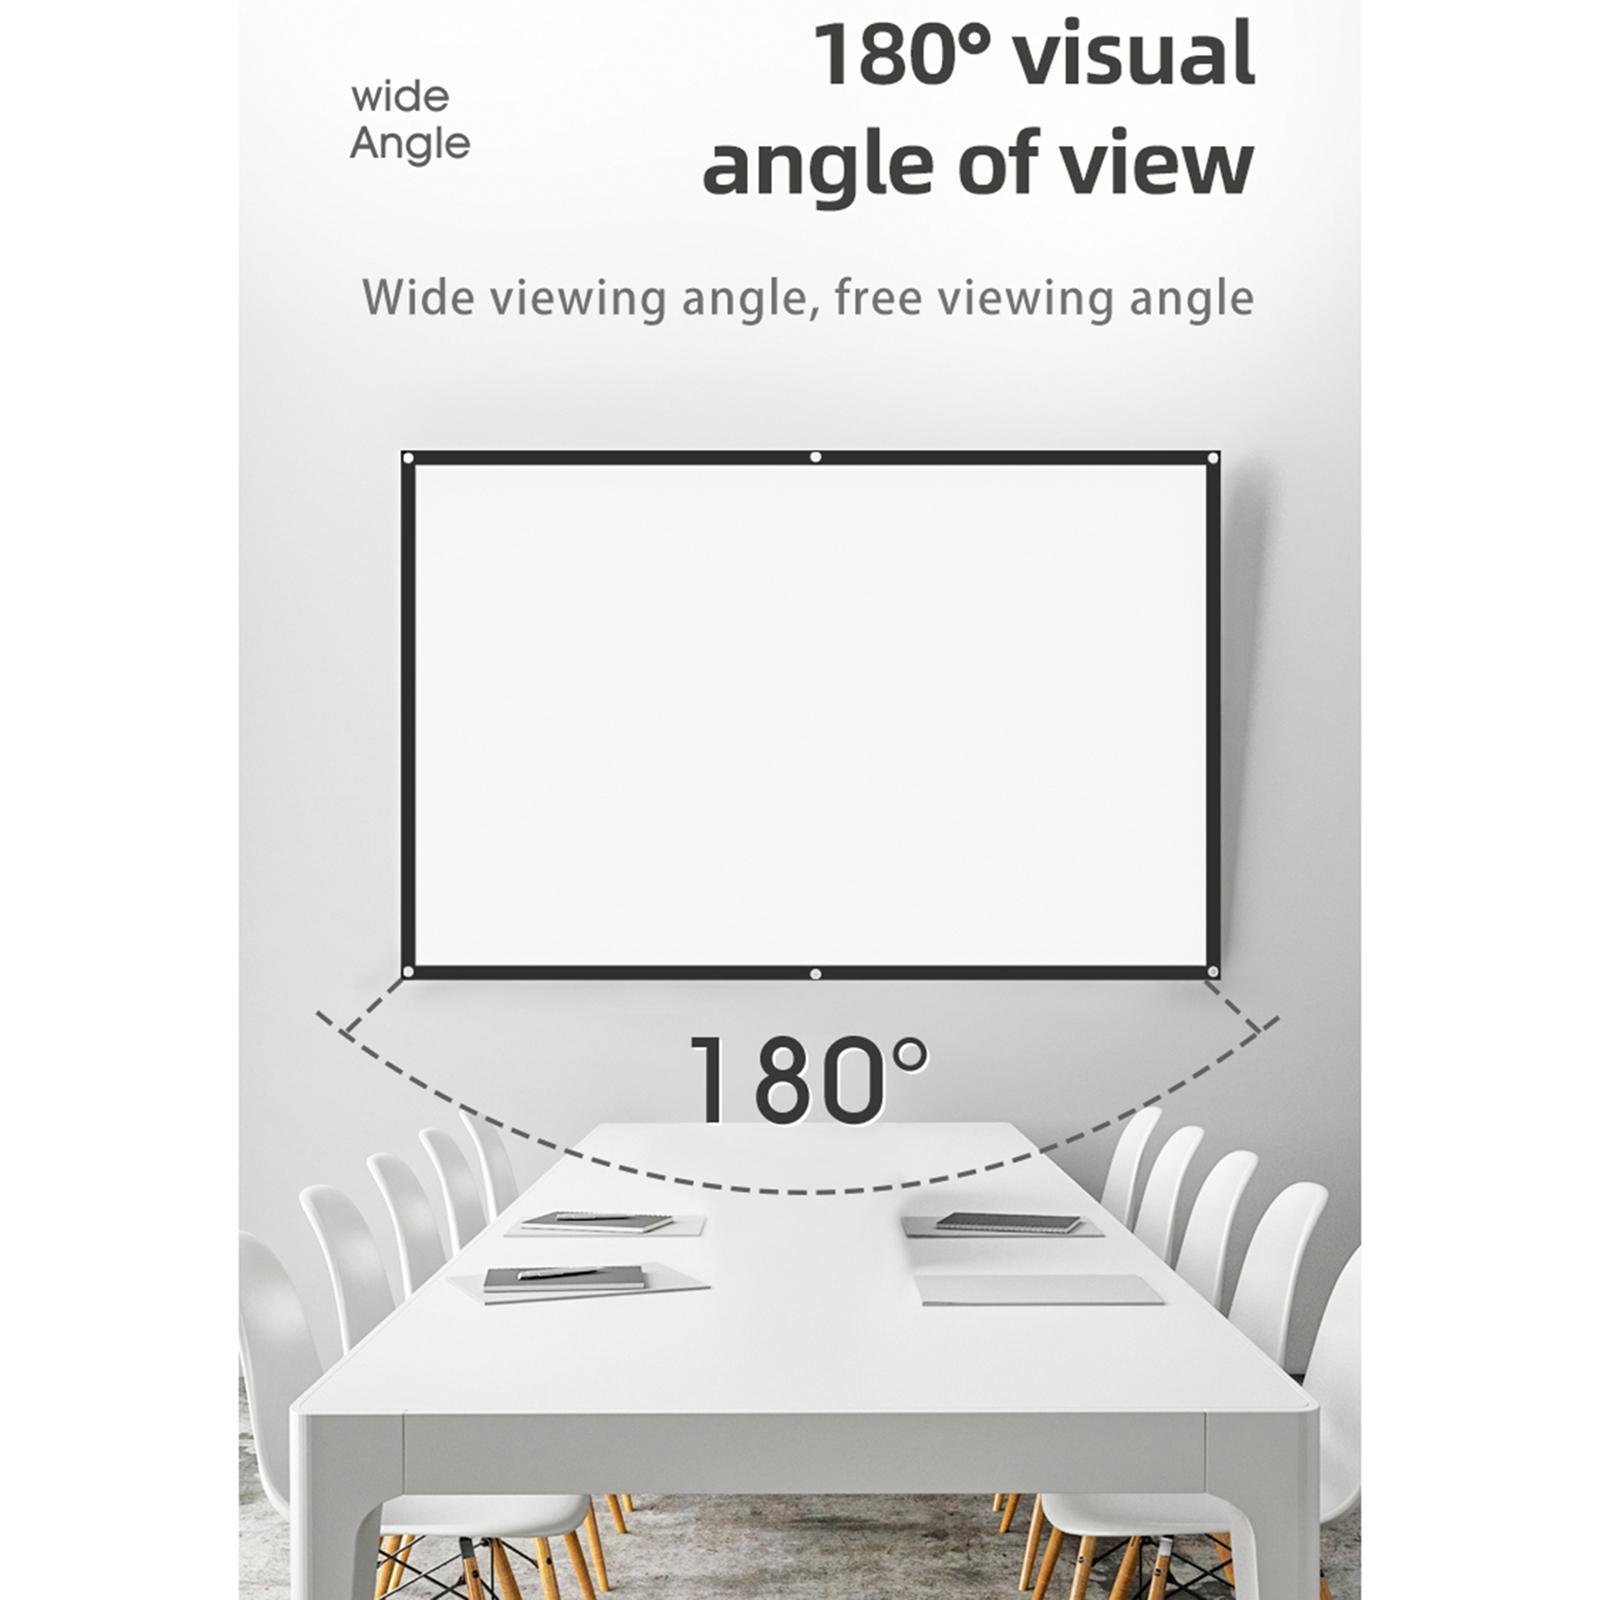 miniatura 12 - Schermo per proiettore portatile HD 16: 9 Proiezione home cinema per esterni